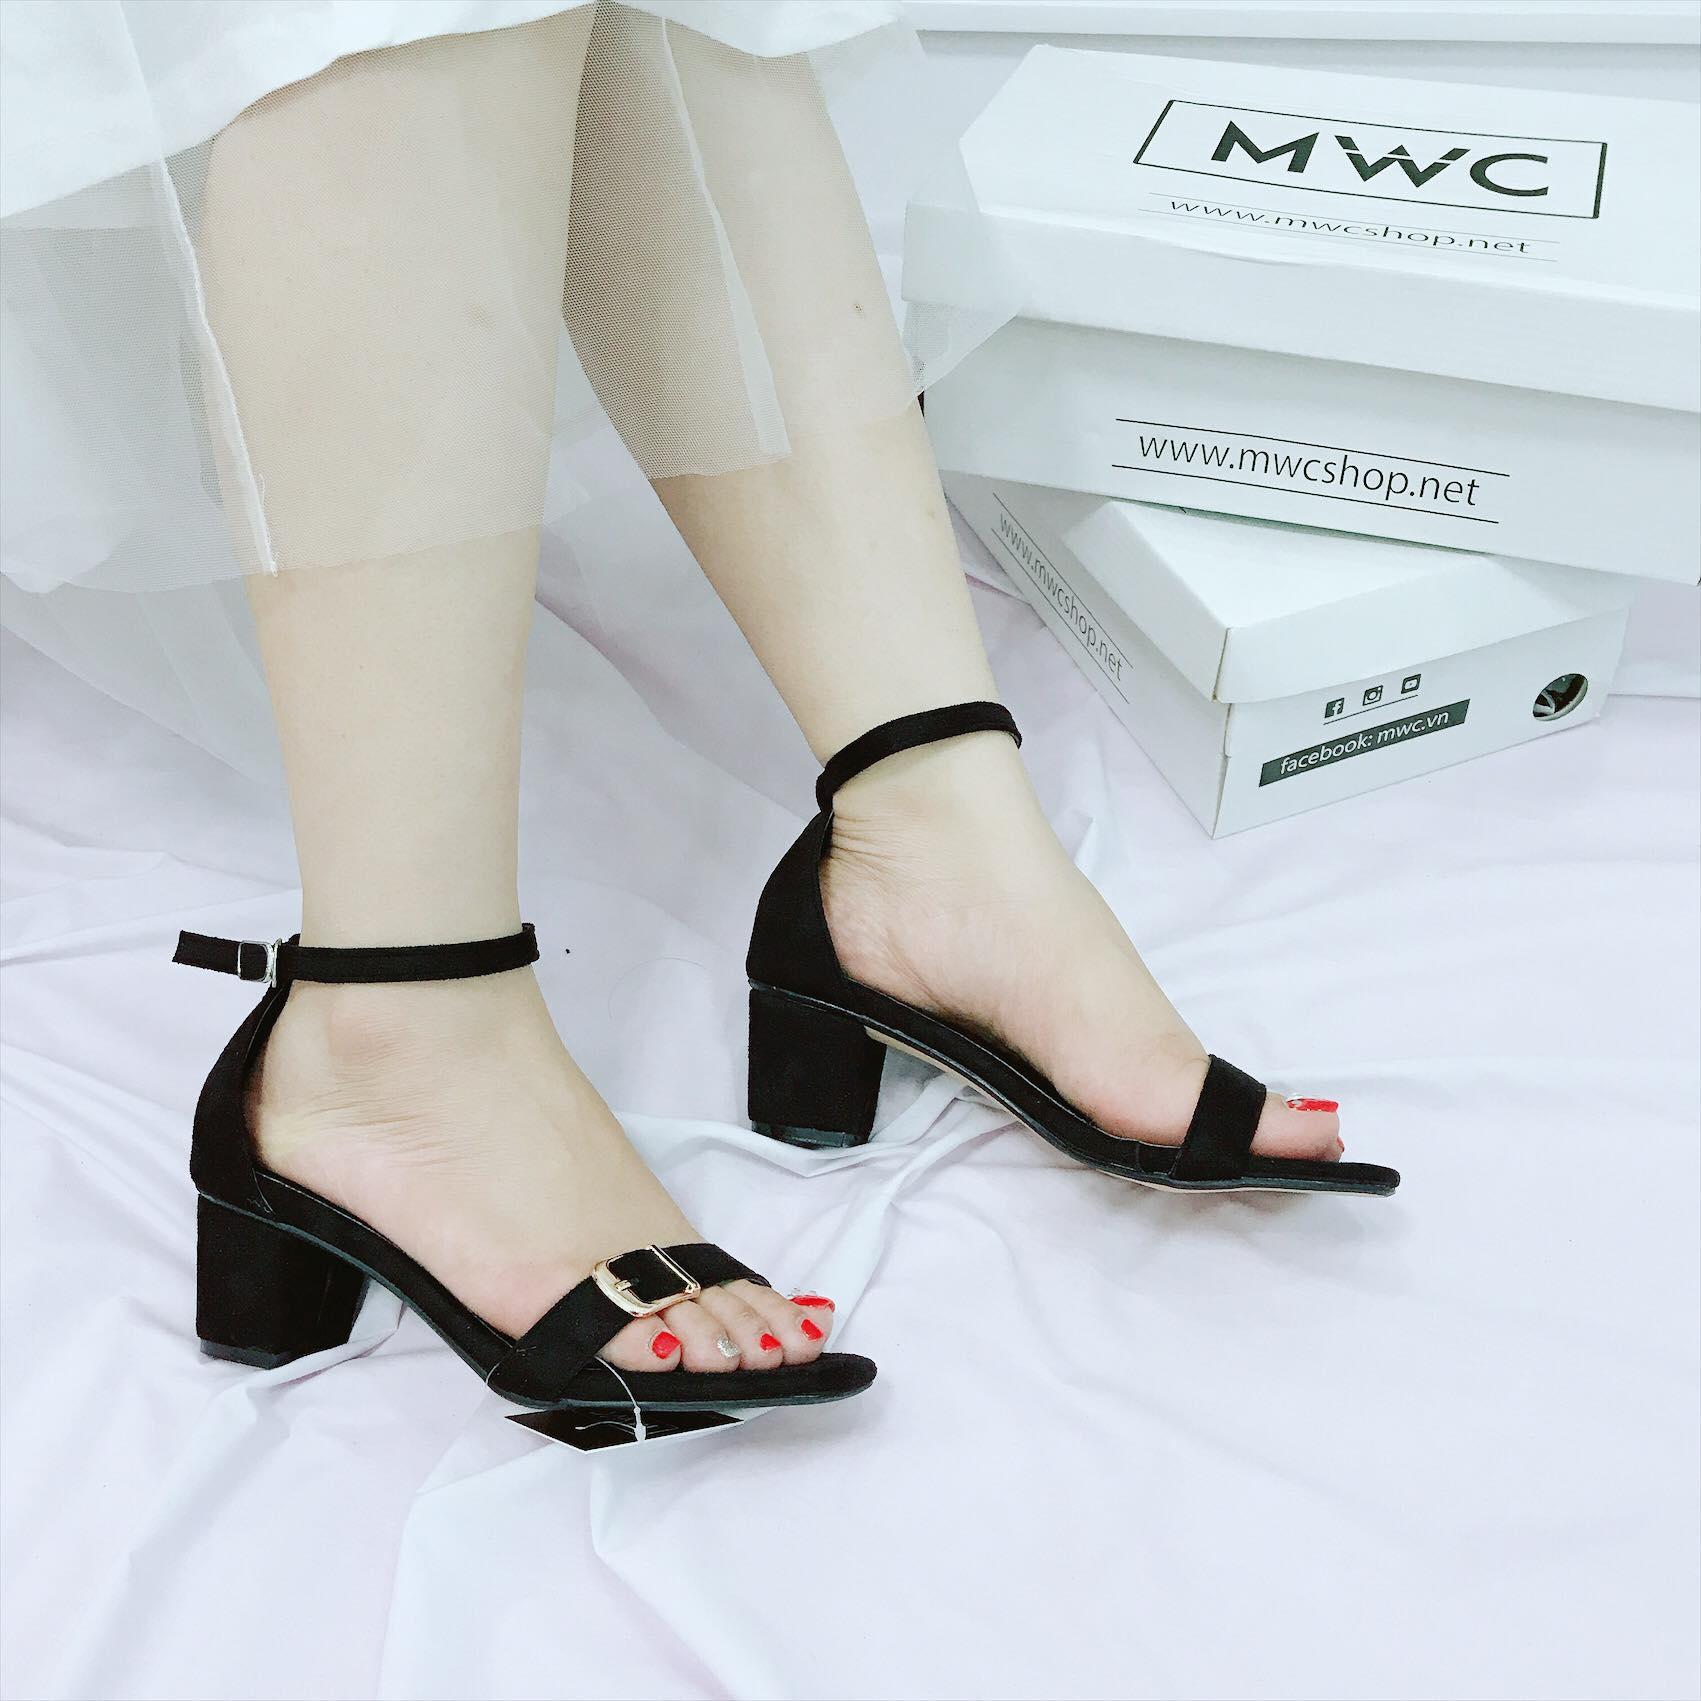 Giày cao gót MWC NUCG- 3663 - ĐEN